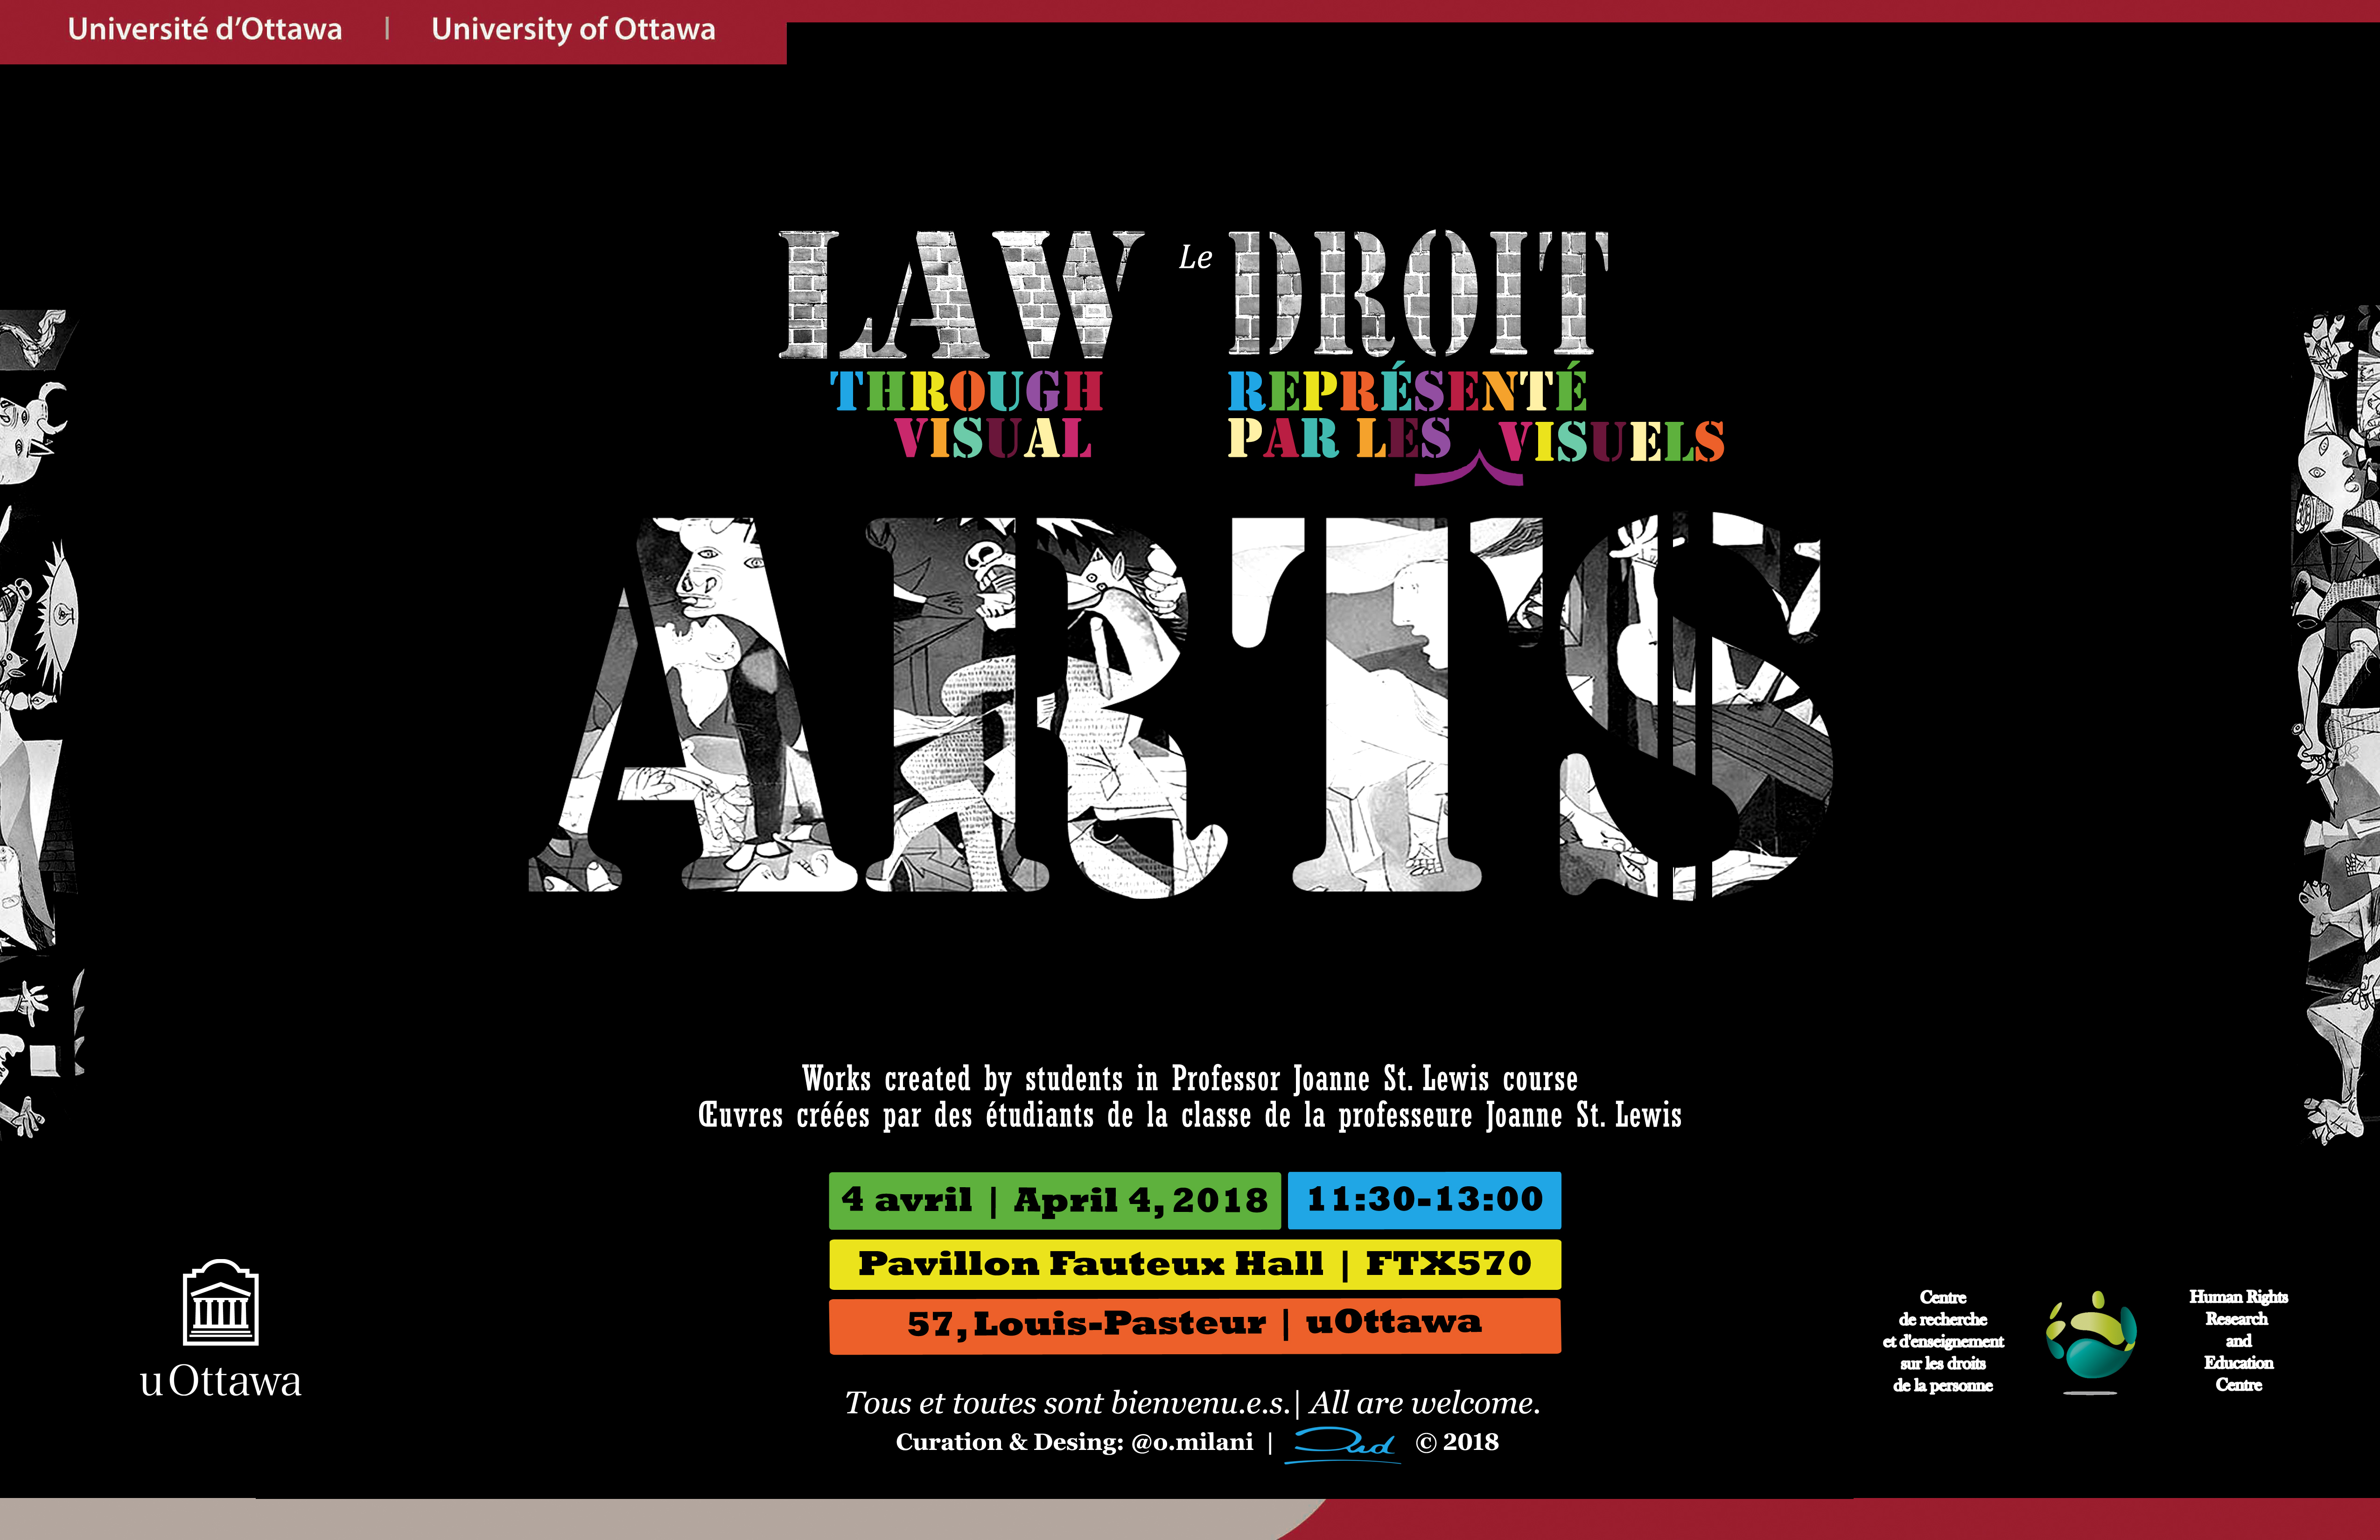 Exposition - Le droit représenté par les arts visuels